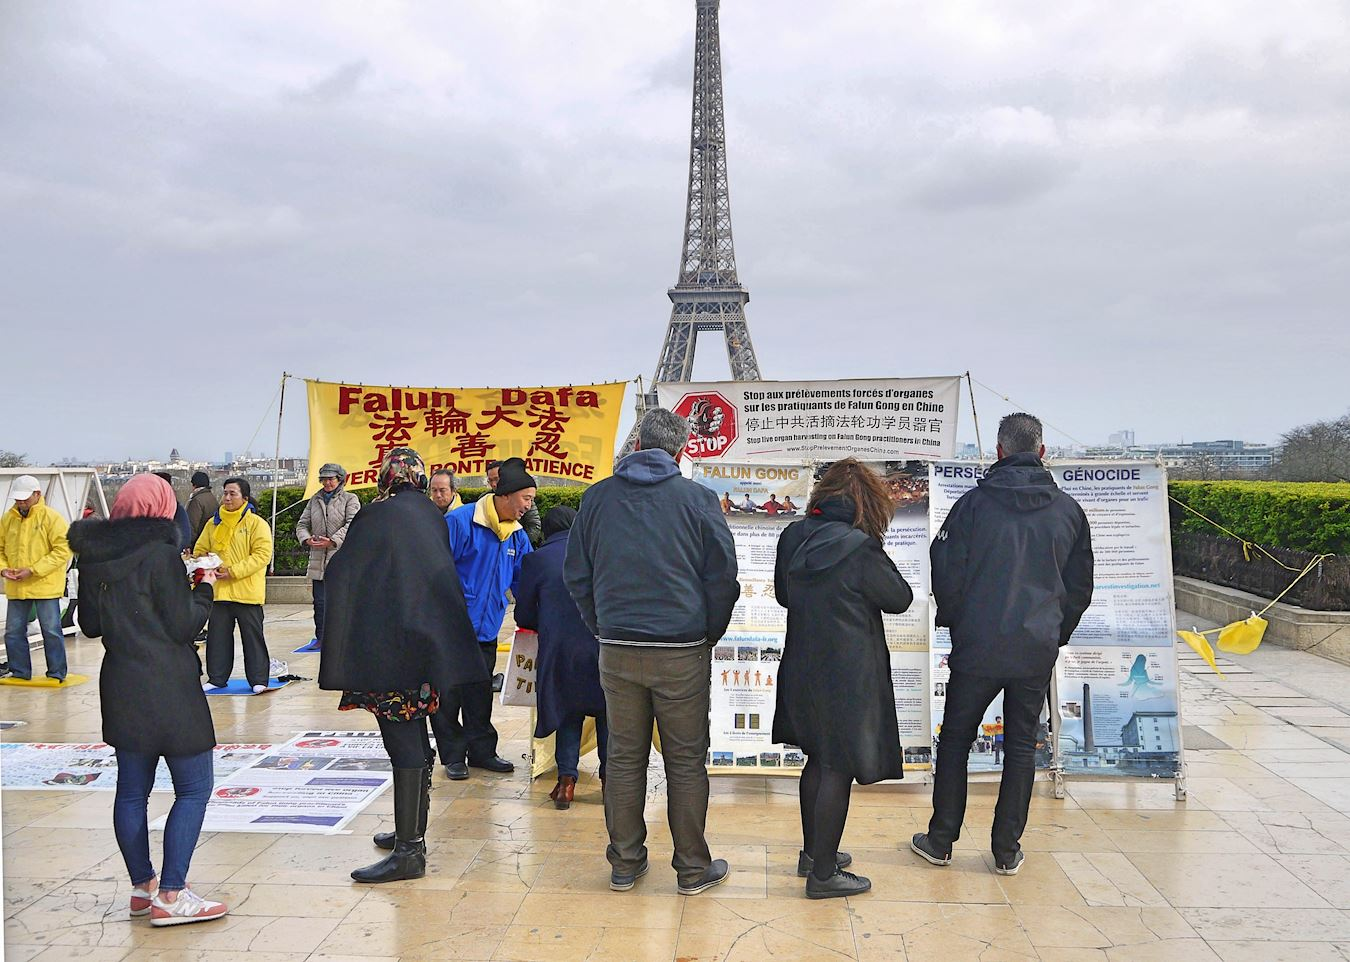 在巴黎的人權廣場上,遊客認真閱讀展板,了解中共活摘法輪功學員器官的真相。(明慧網)